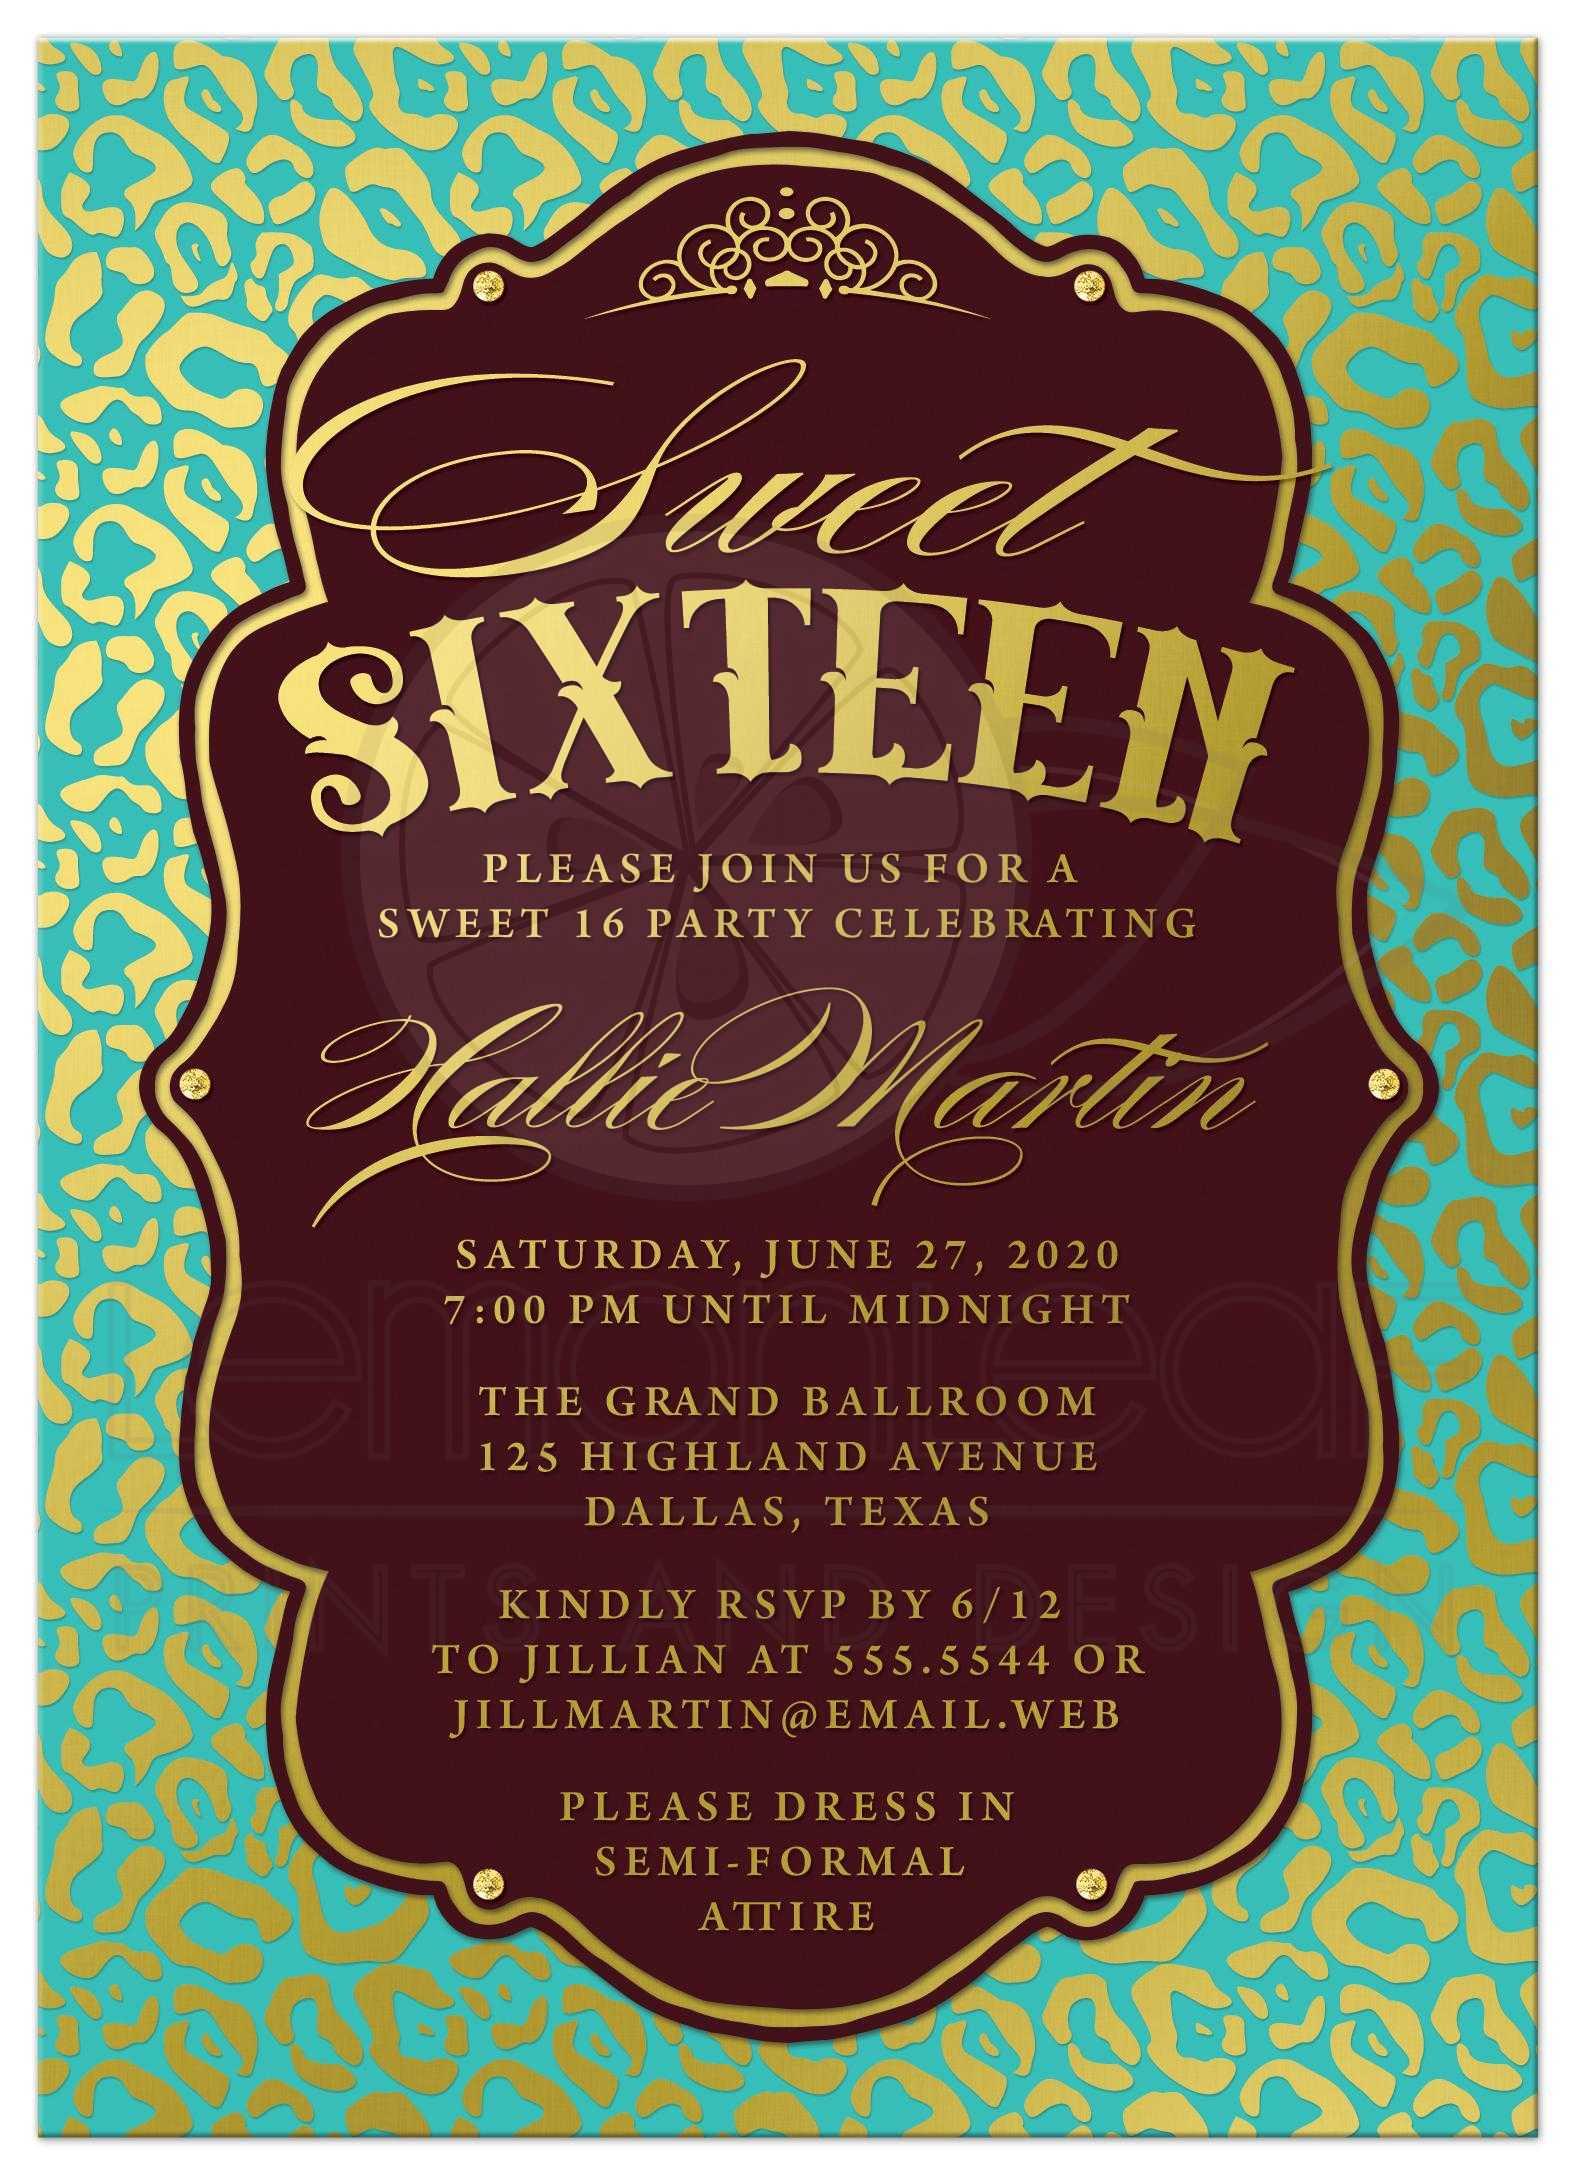 Sweet 16 Party Invitations - Aqua Blue & Gold Leopard Print